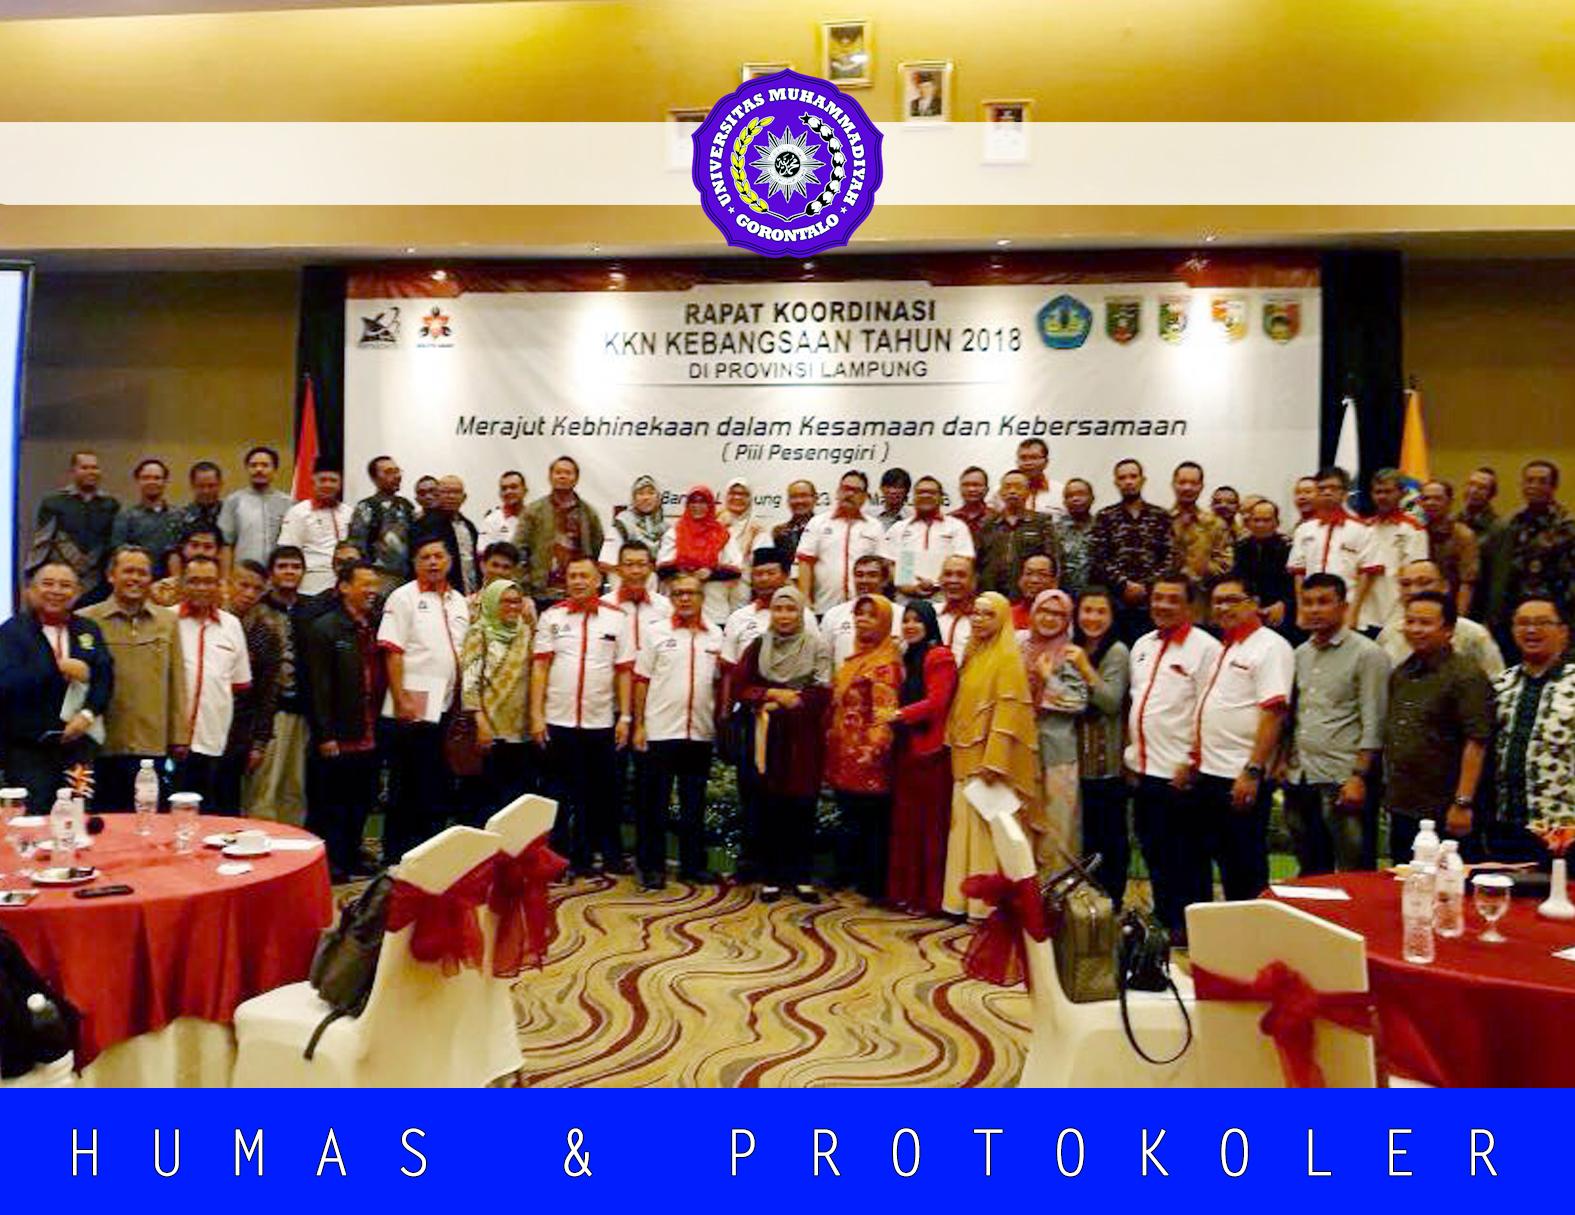 Dari Rakor Persiapan Pelaksanaan di Lampung, UMGo Kembali Bersiap Ikut KKN Kebangsaan